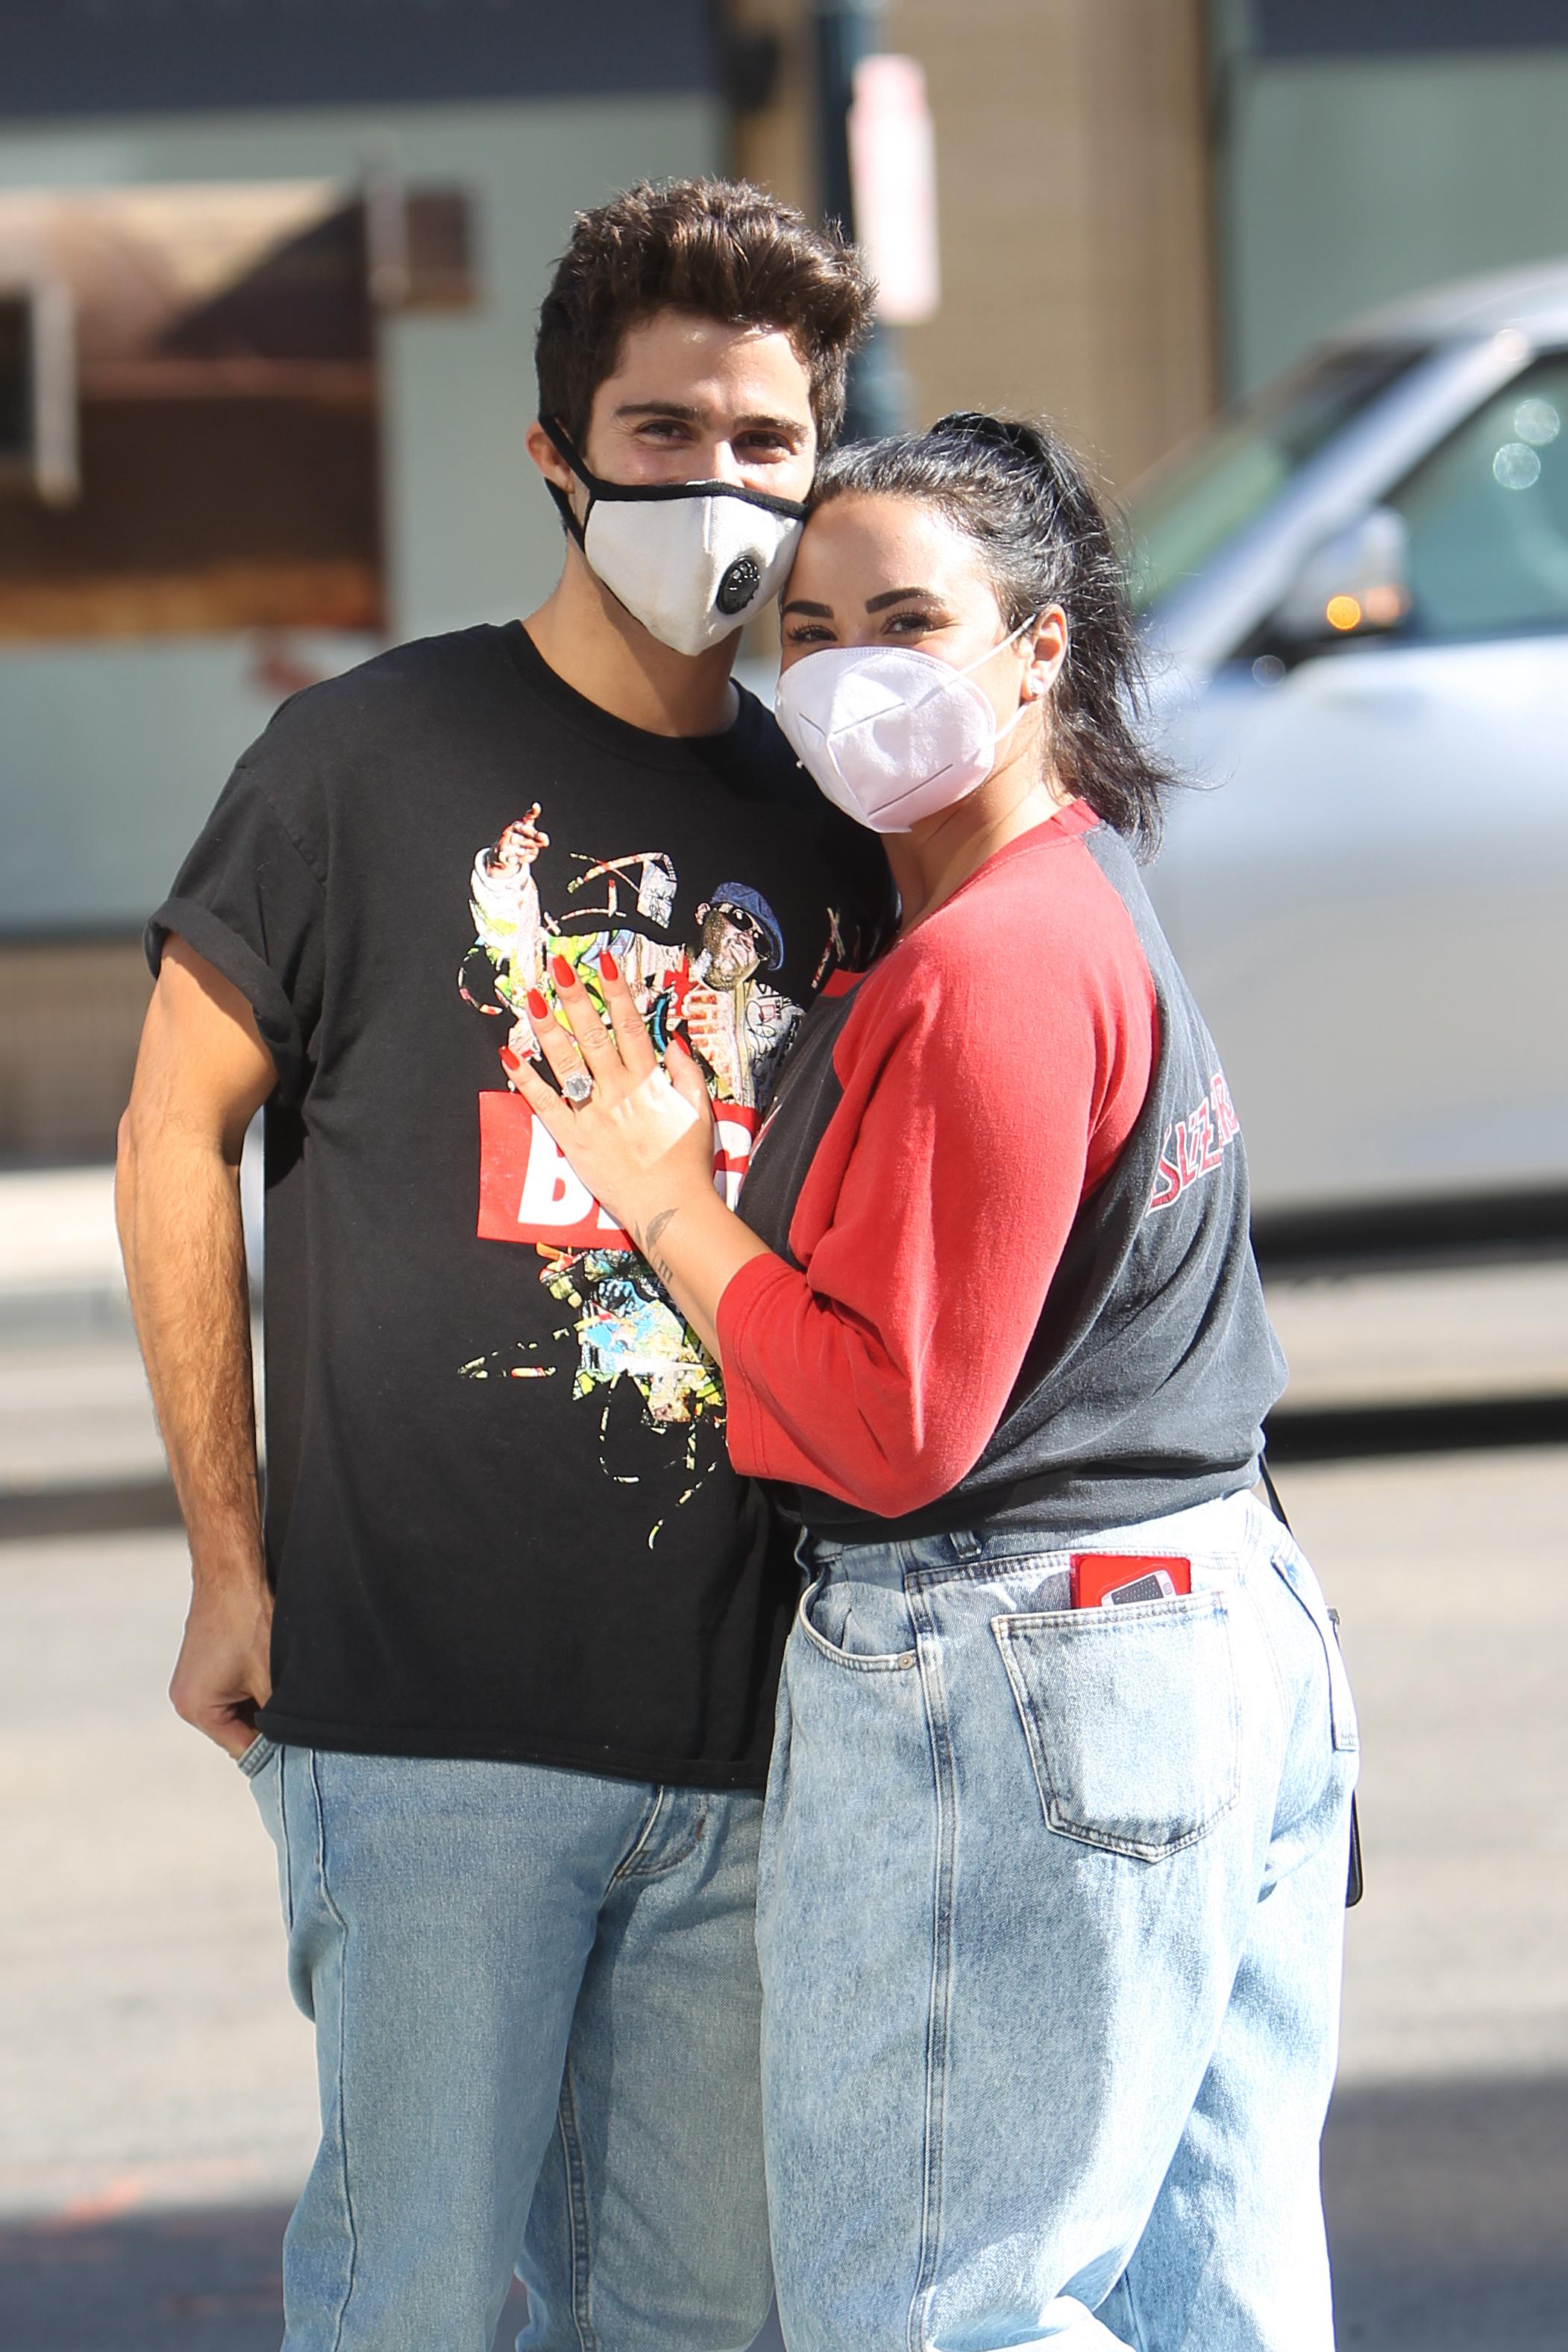 เดมีและแม็กซ์ถูกกักบริเวณร่วมกันระหว่างการระบาดที่บ้านในแอลเอของเธอ